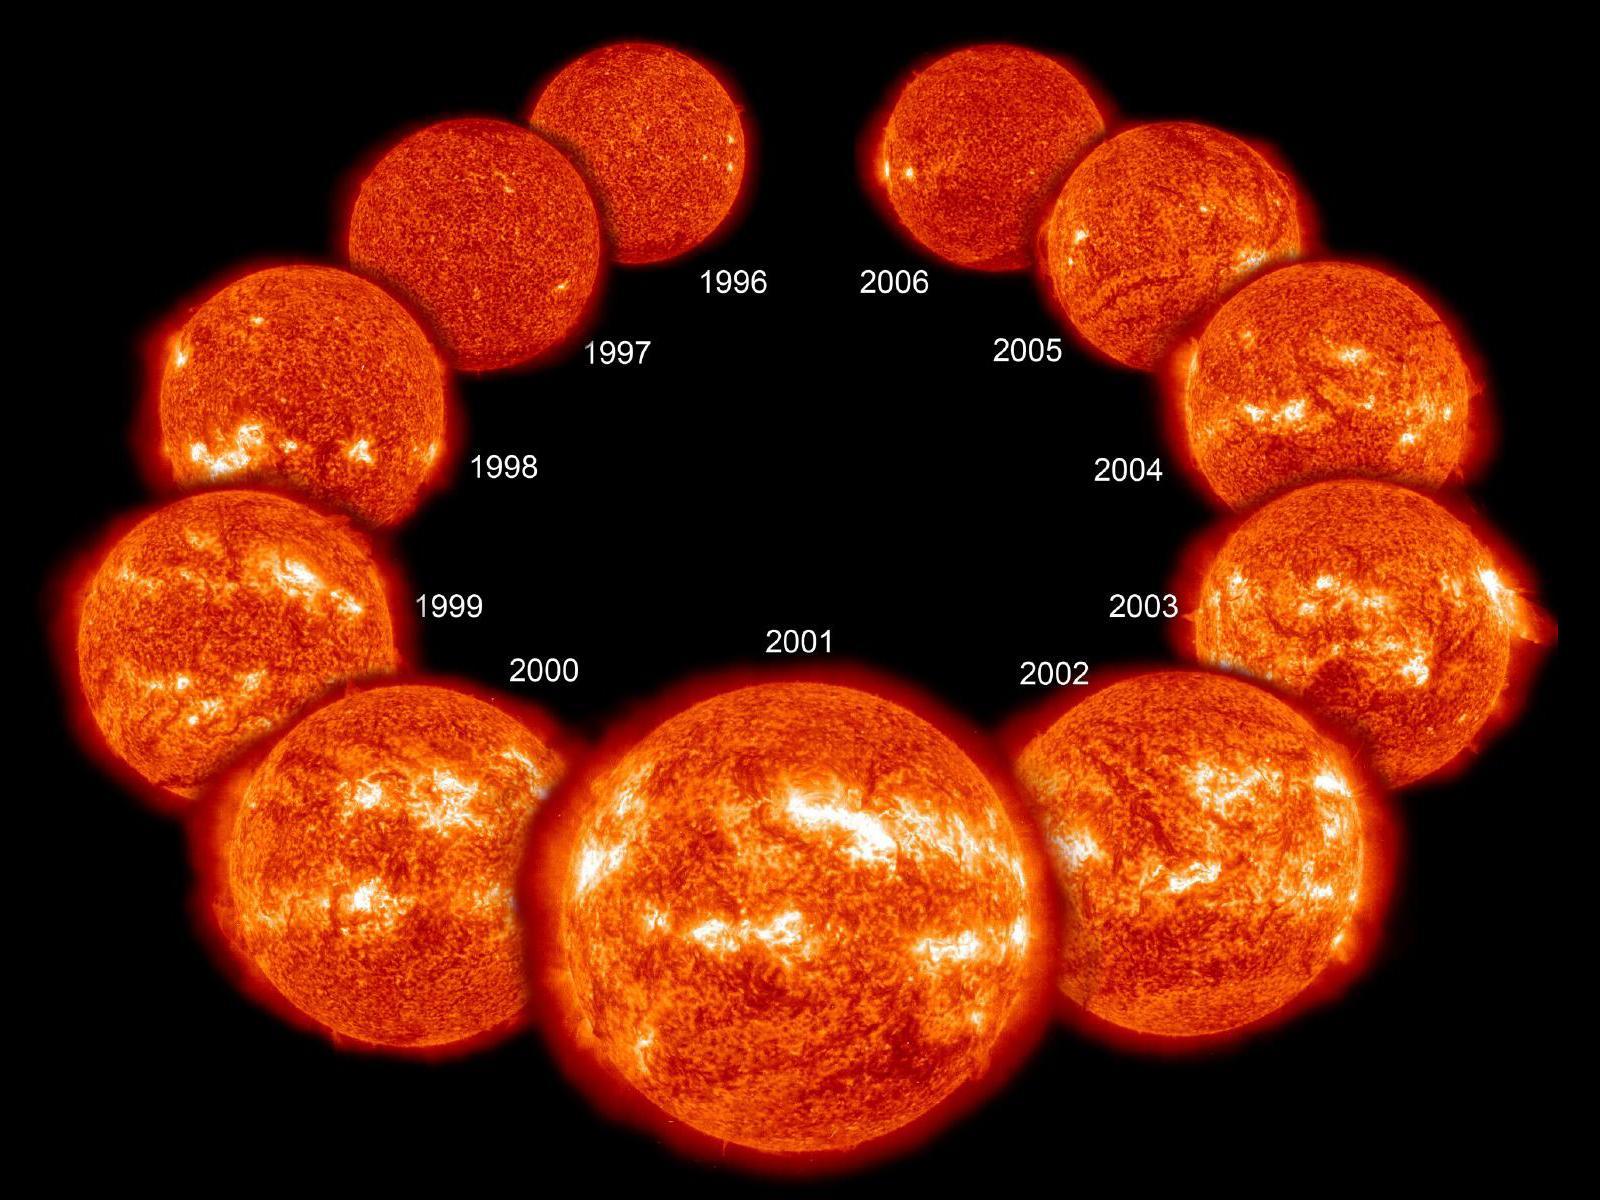 السبات الشمسي دورة شمسية